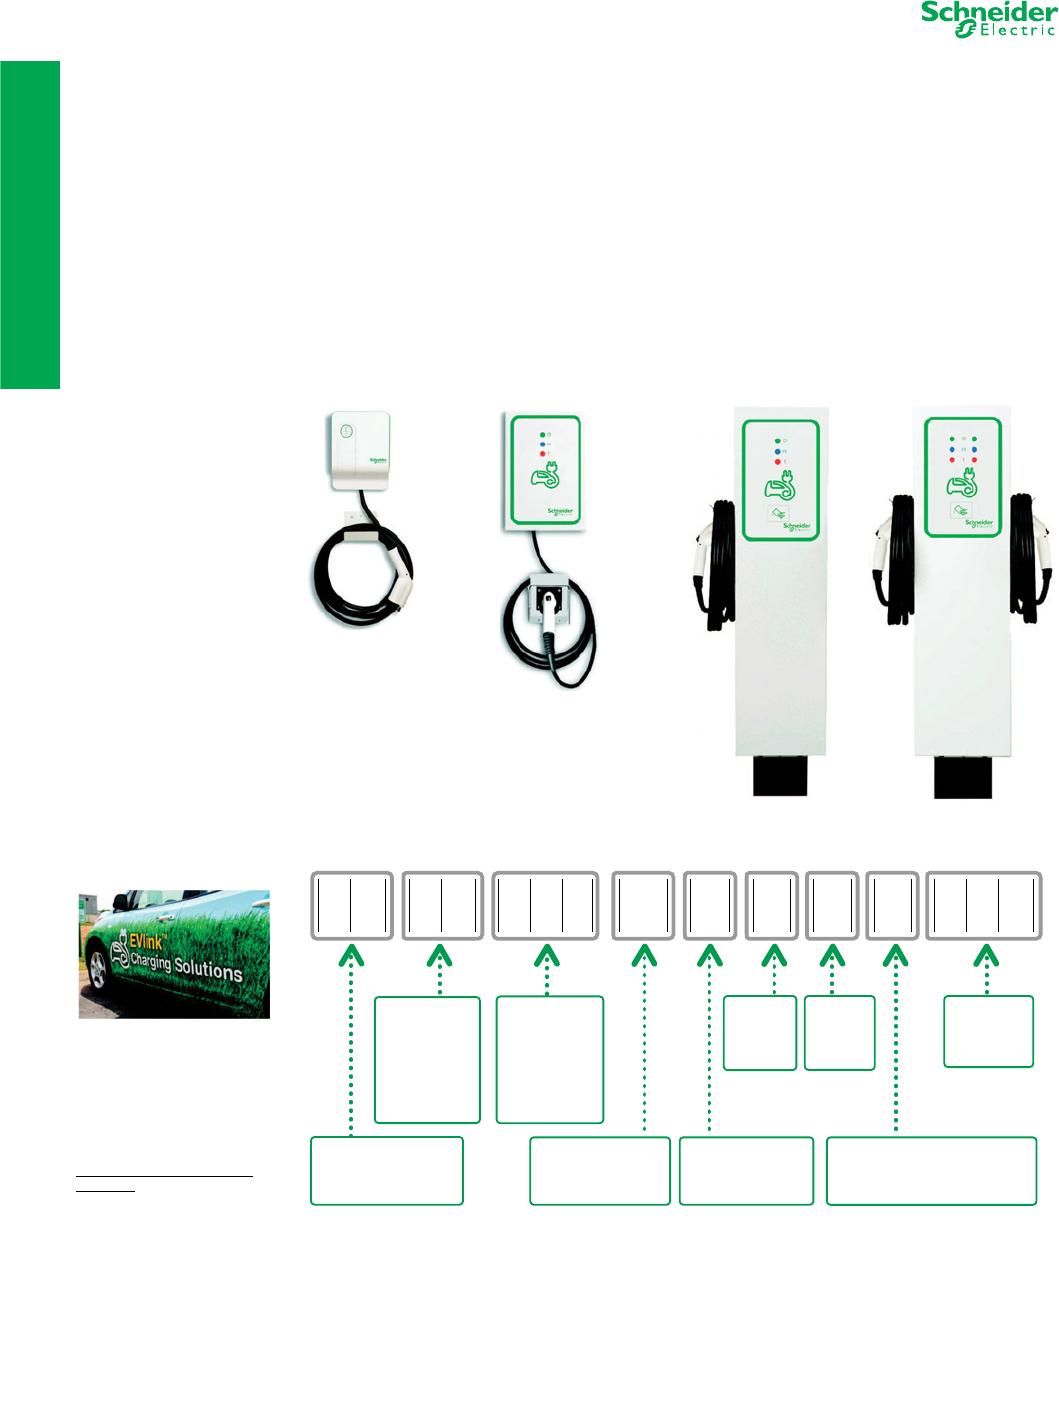 632600 Catalog Ats22 Wiring Diagram Schneider Electricus